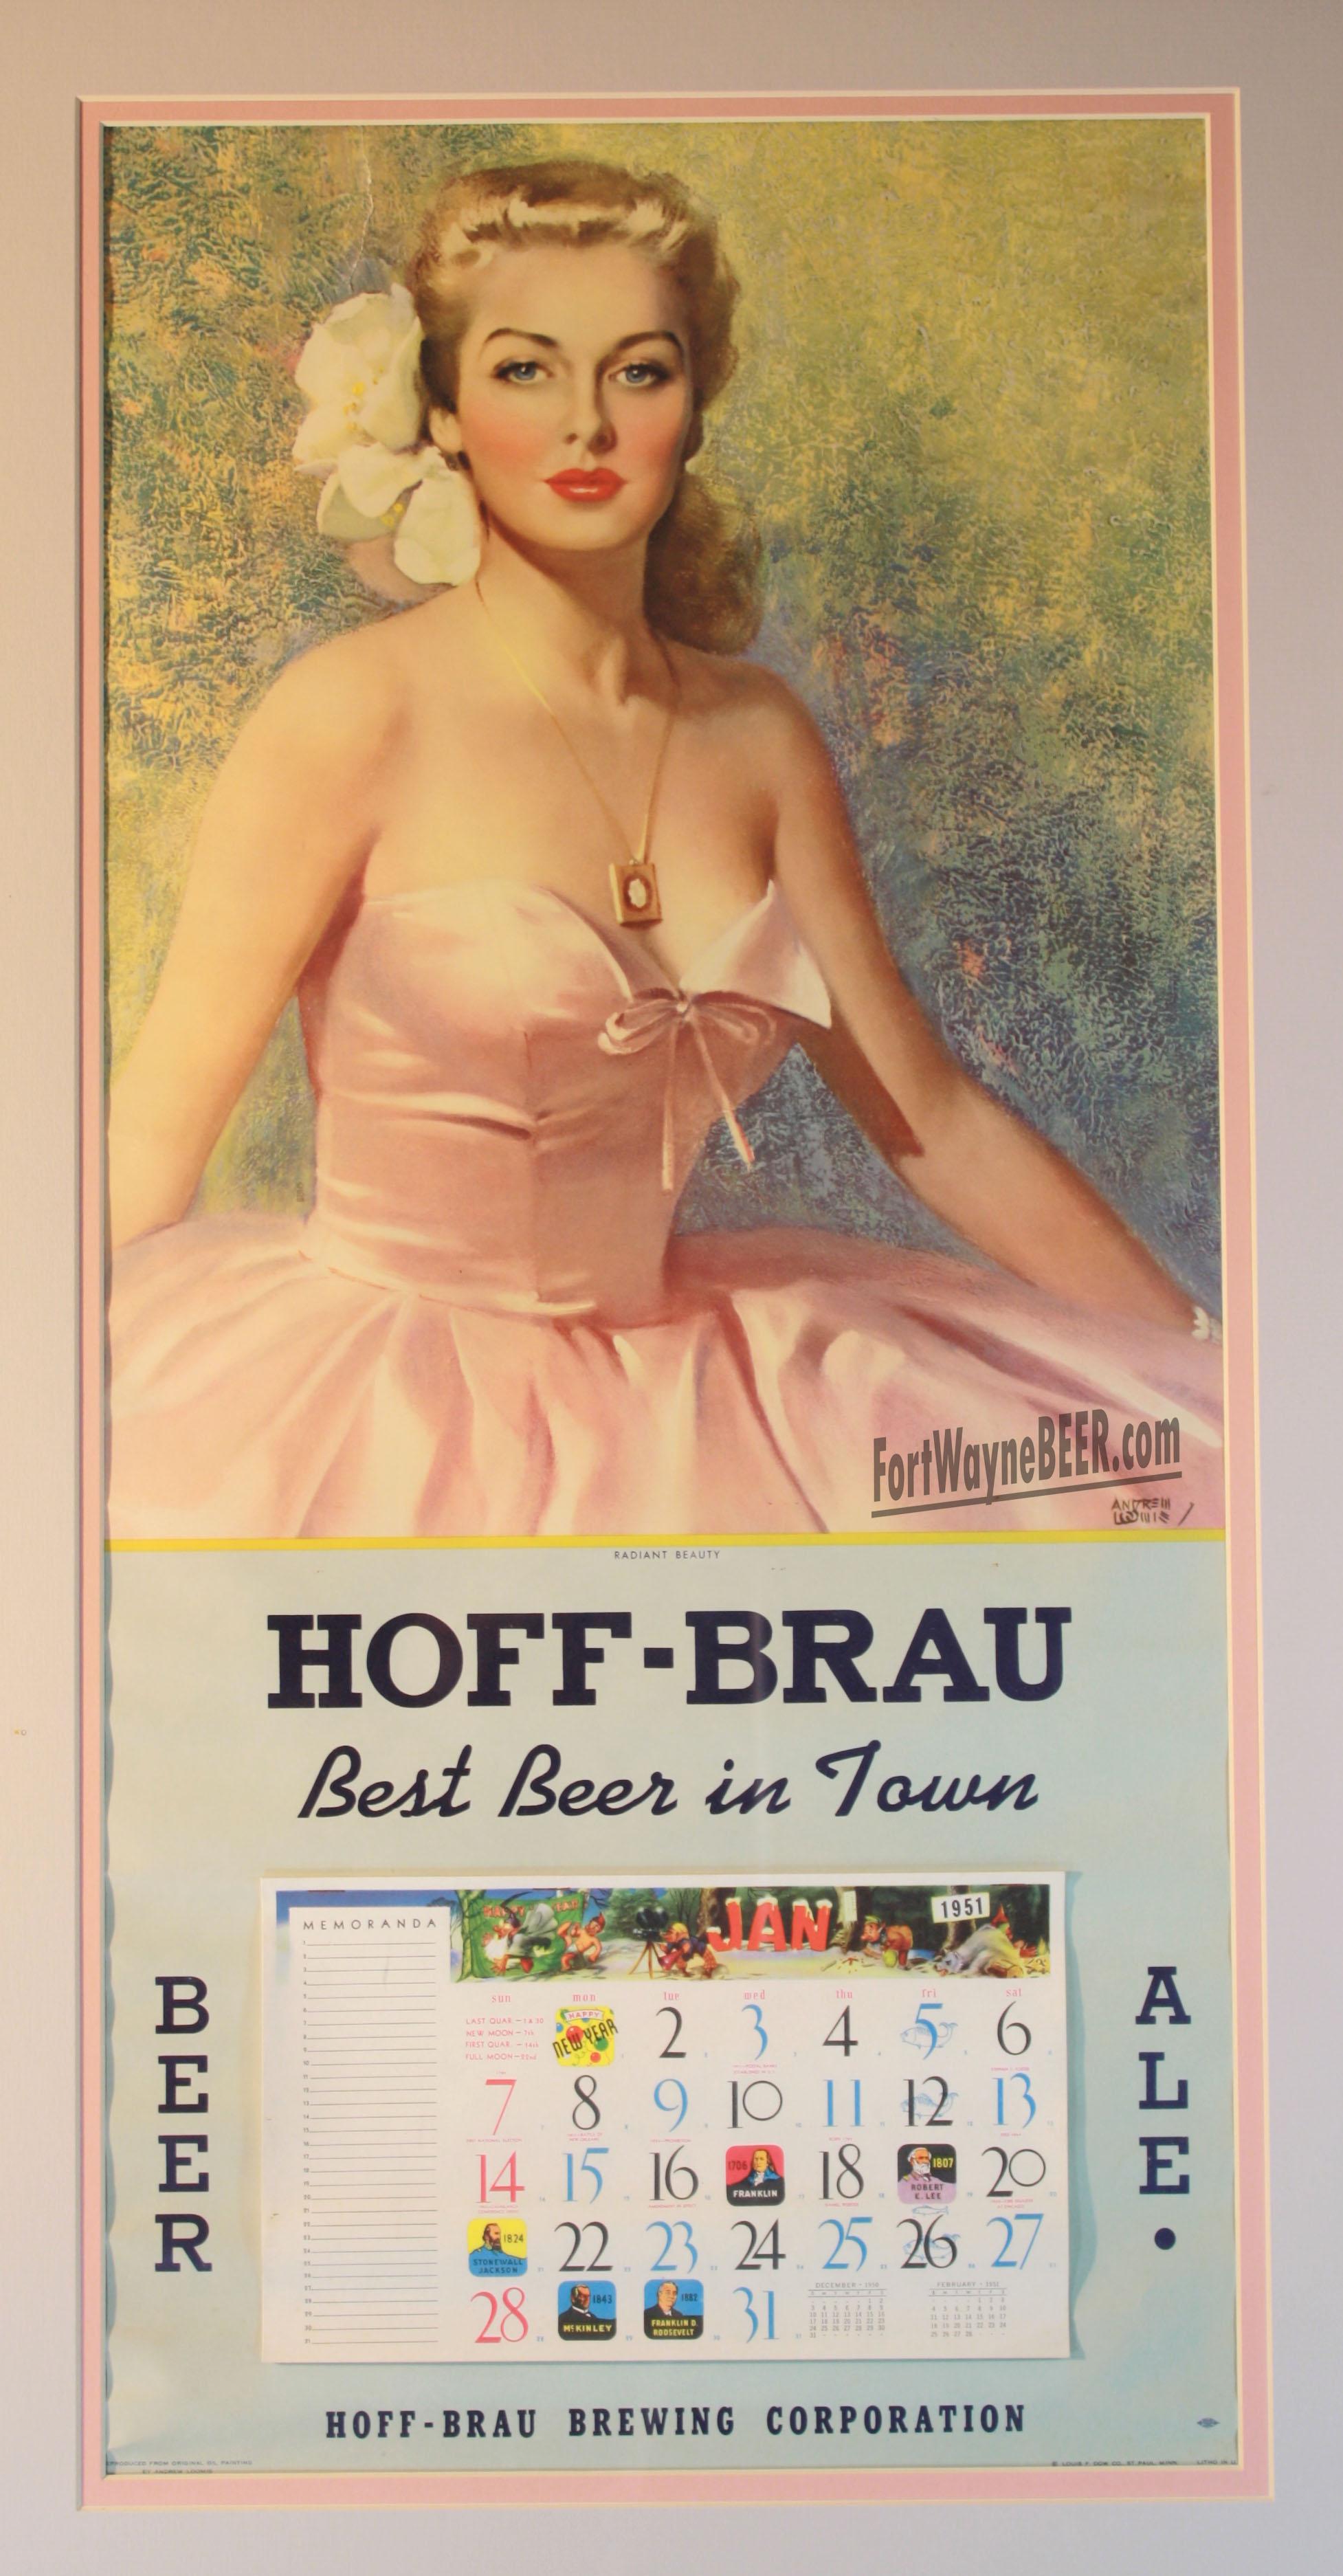 Hoff-Brau Beer Sign 3 copy.jpg